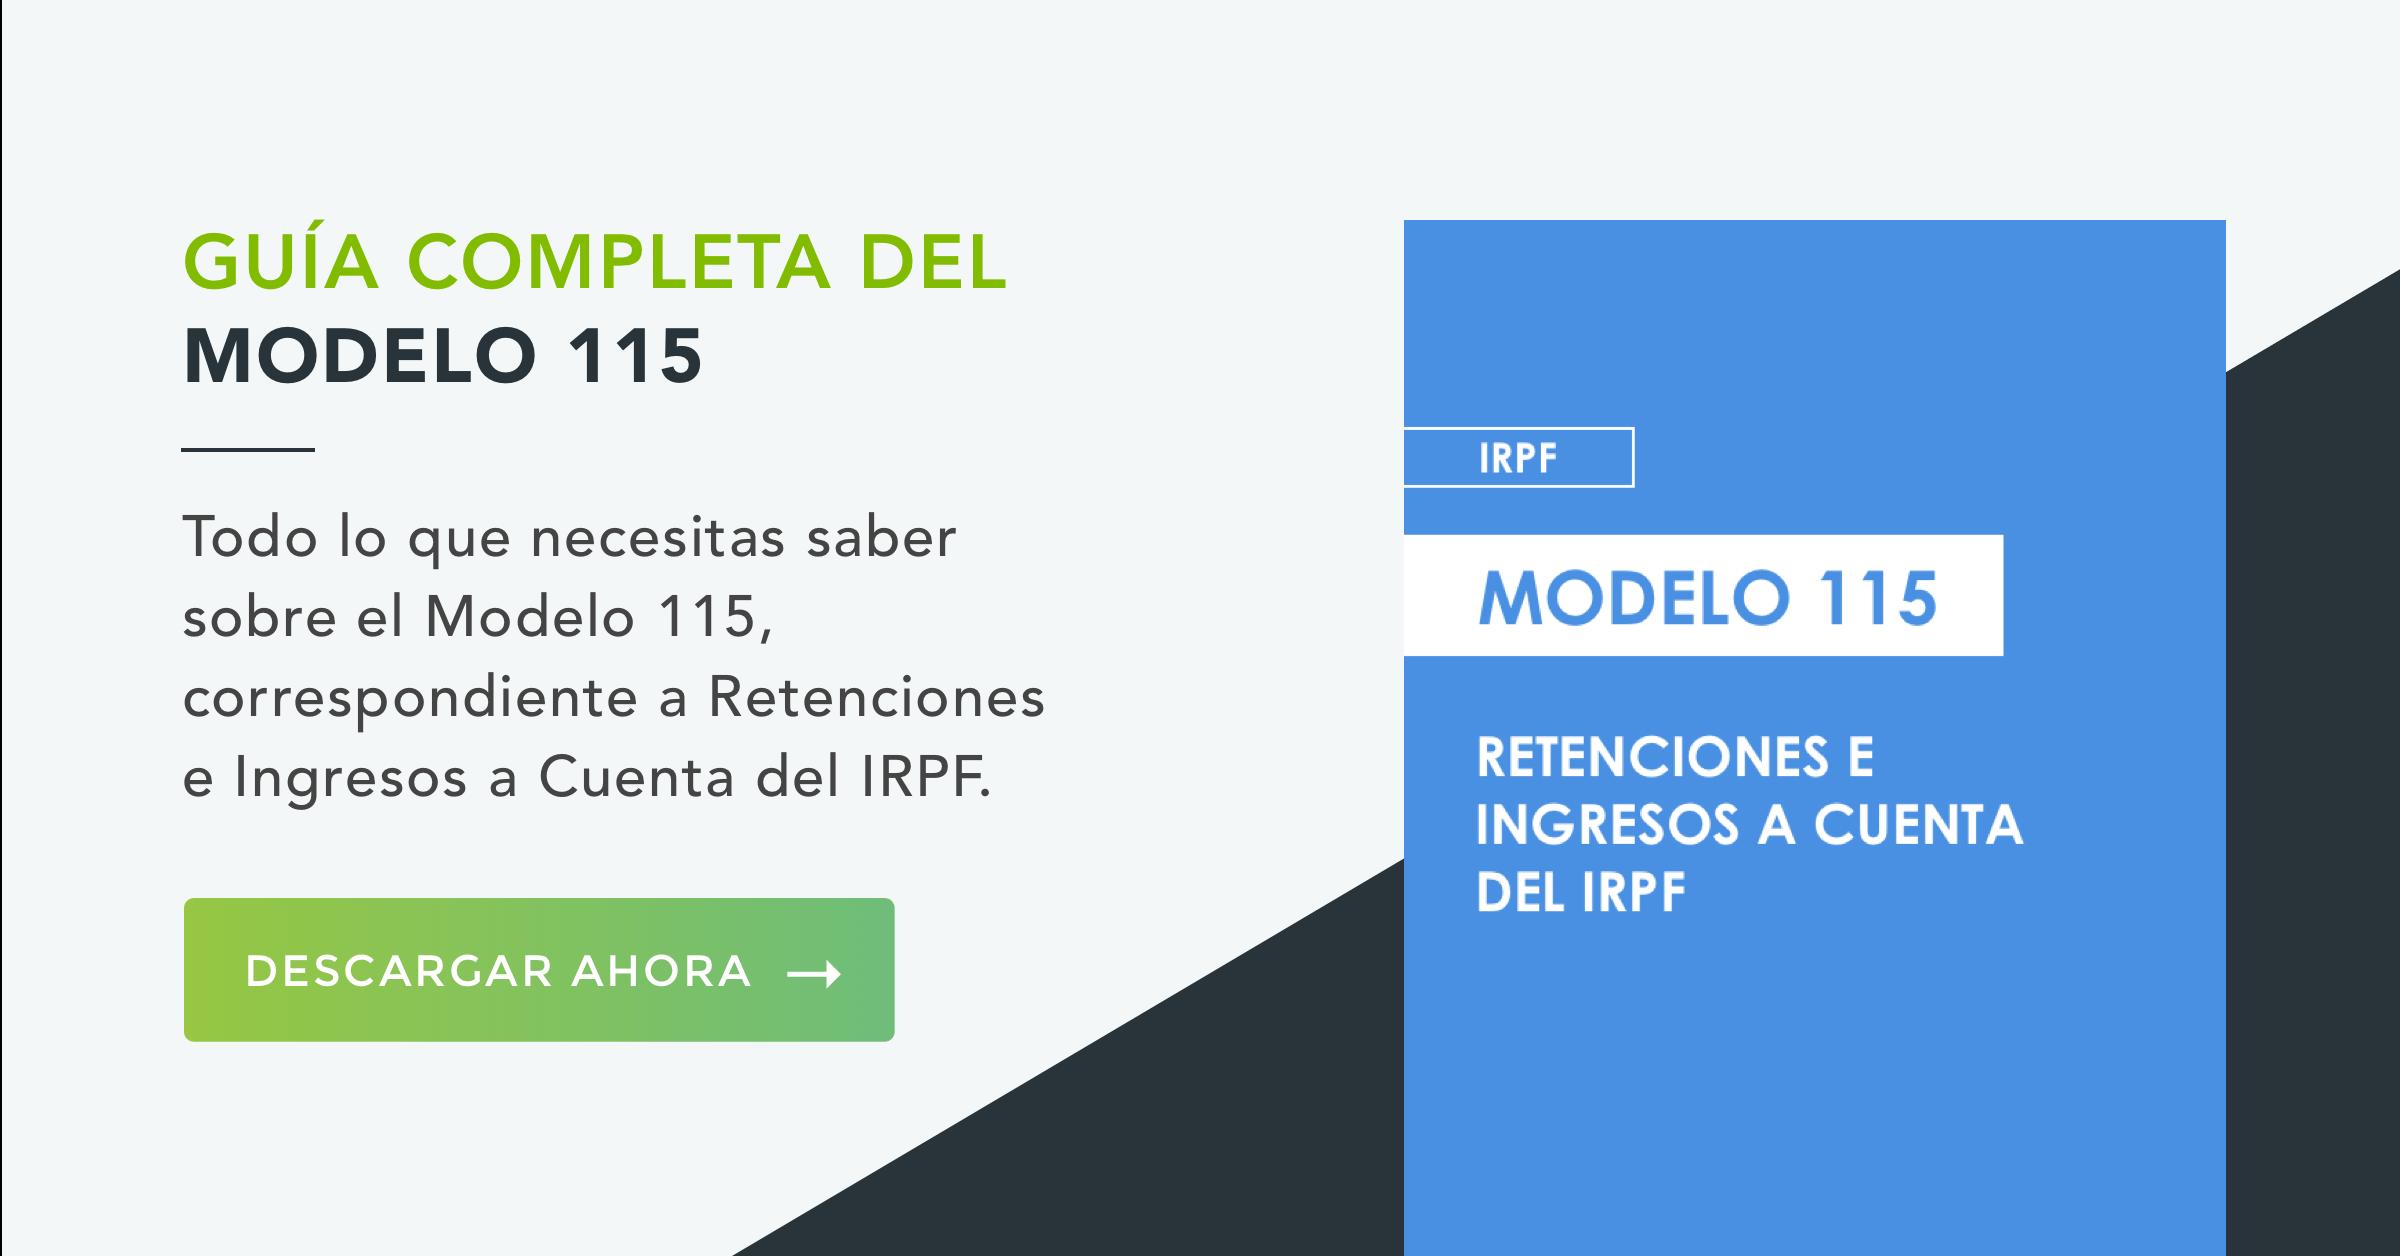 Modelo 115 IRPF